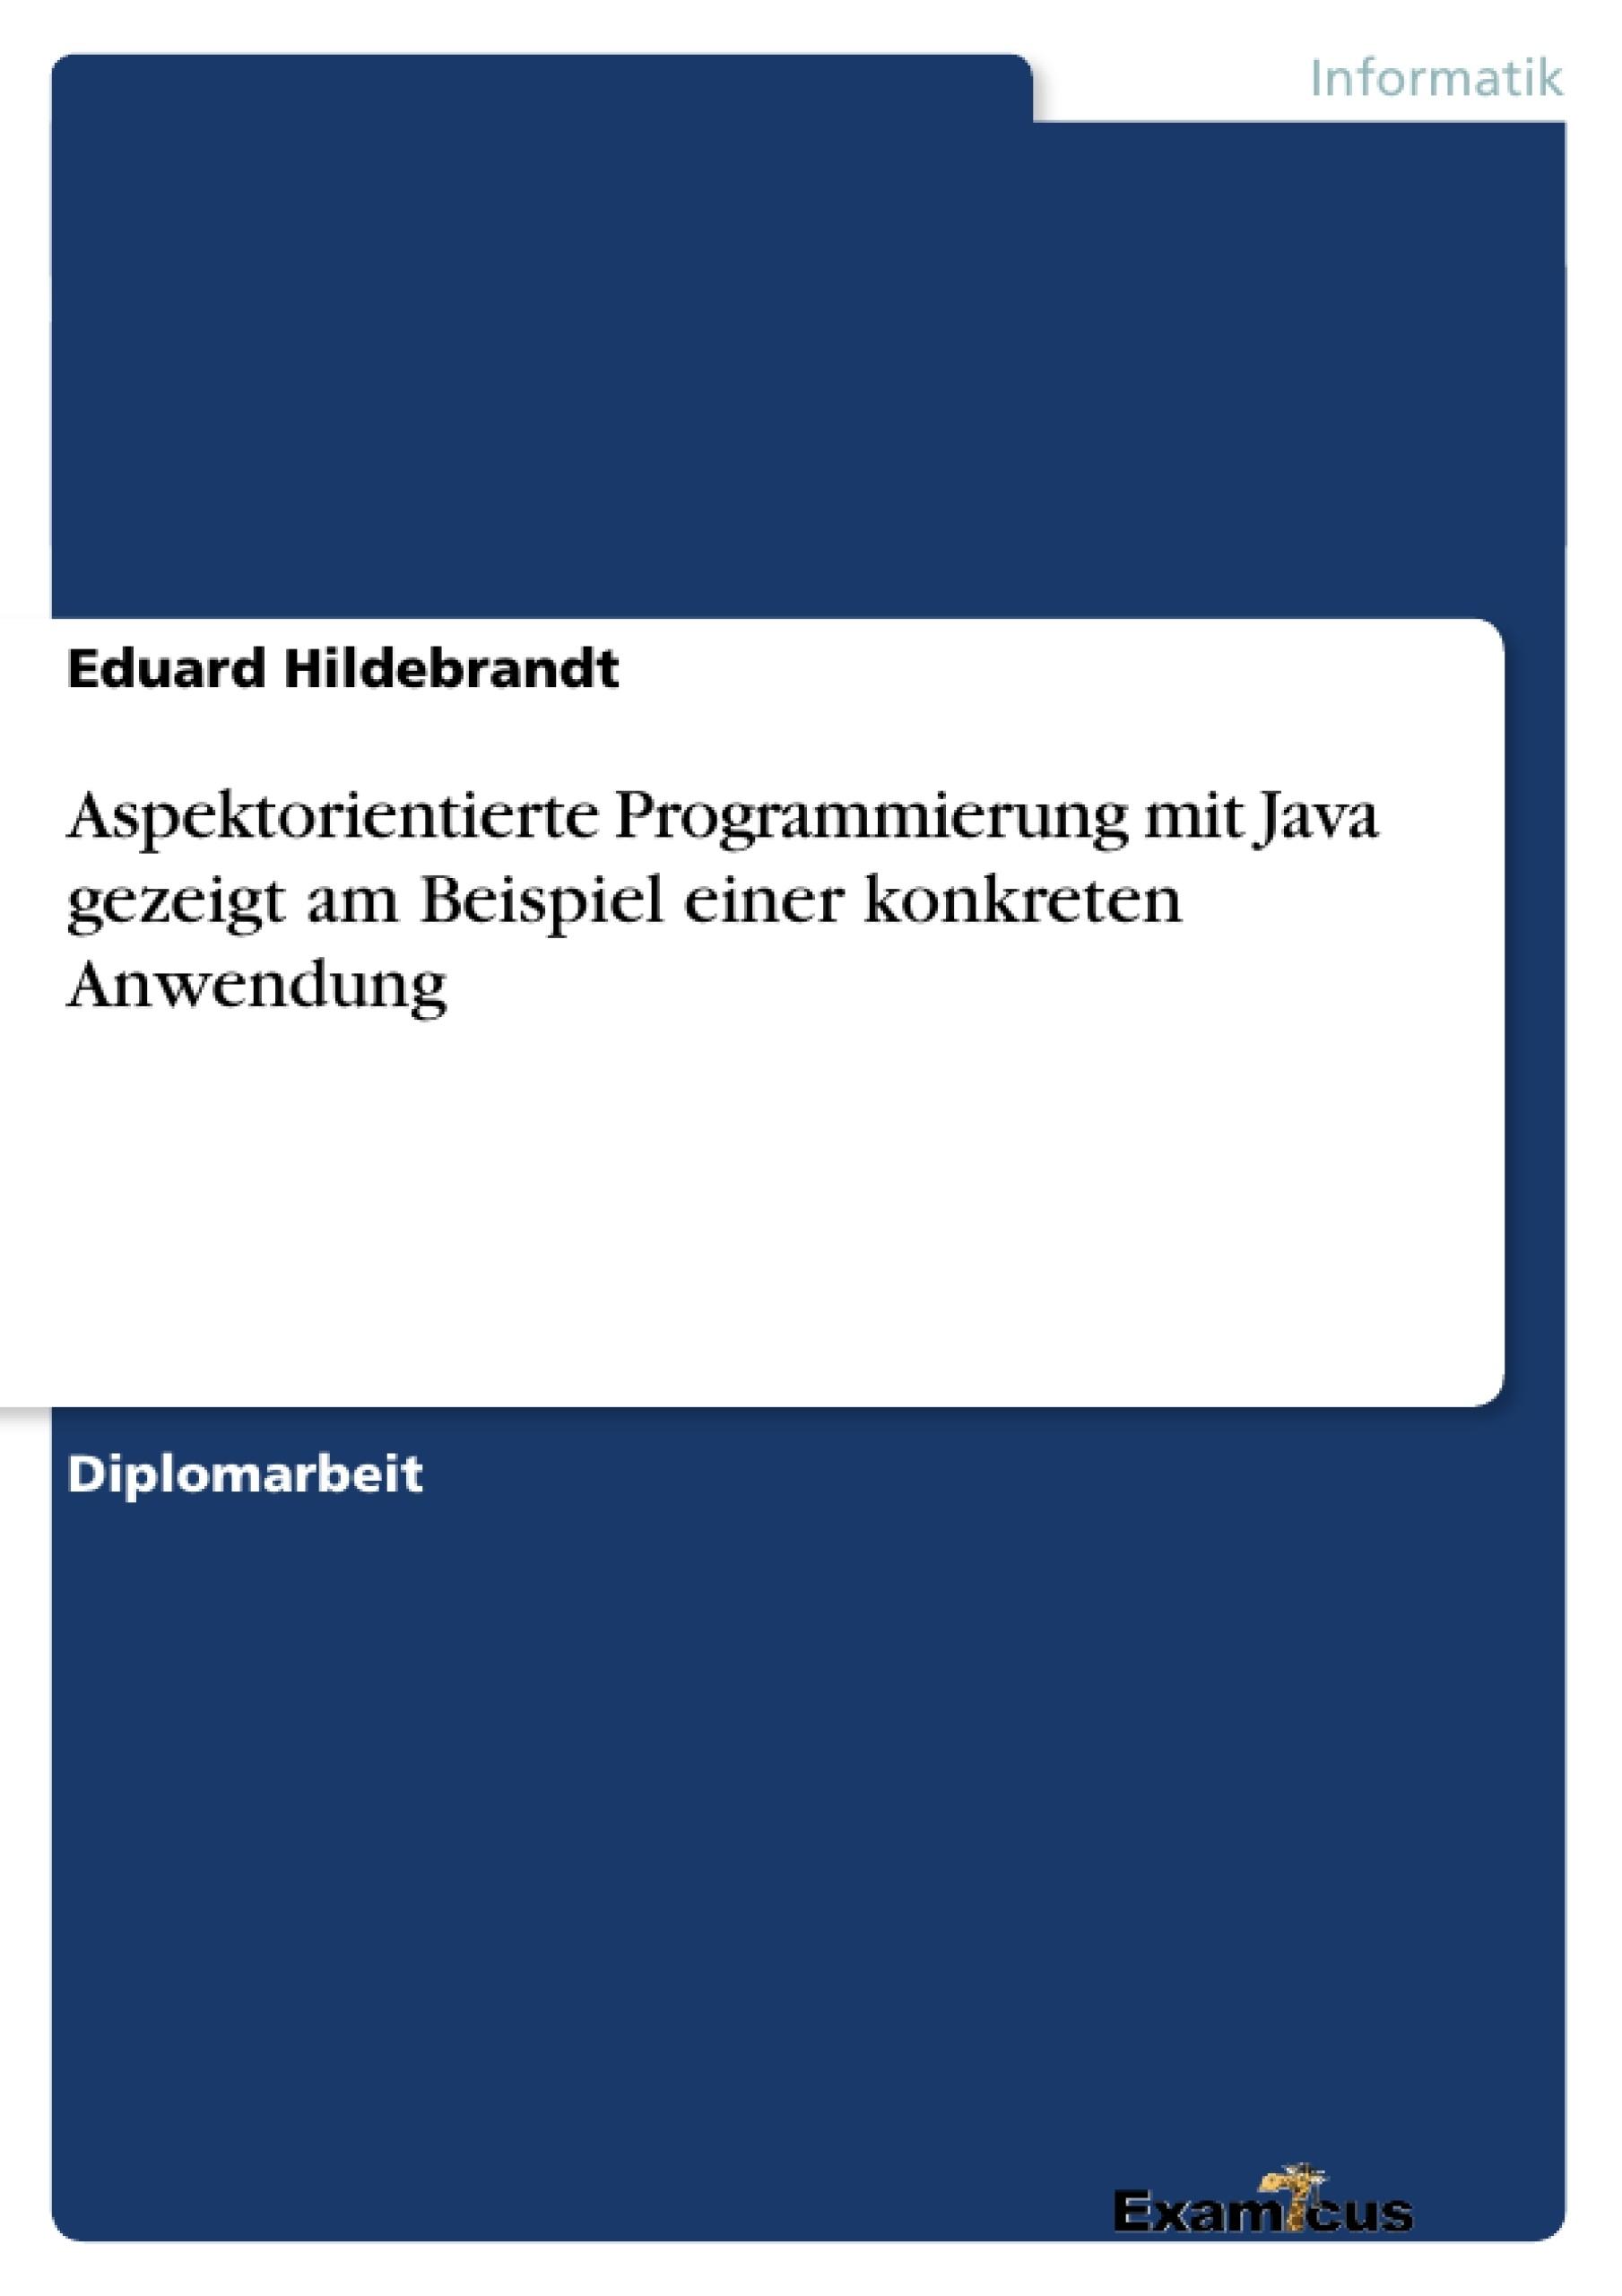 Titel: Aspektorientierte Programmierung mit Java gezeigt am Beispiel einer konkreten Anwendung